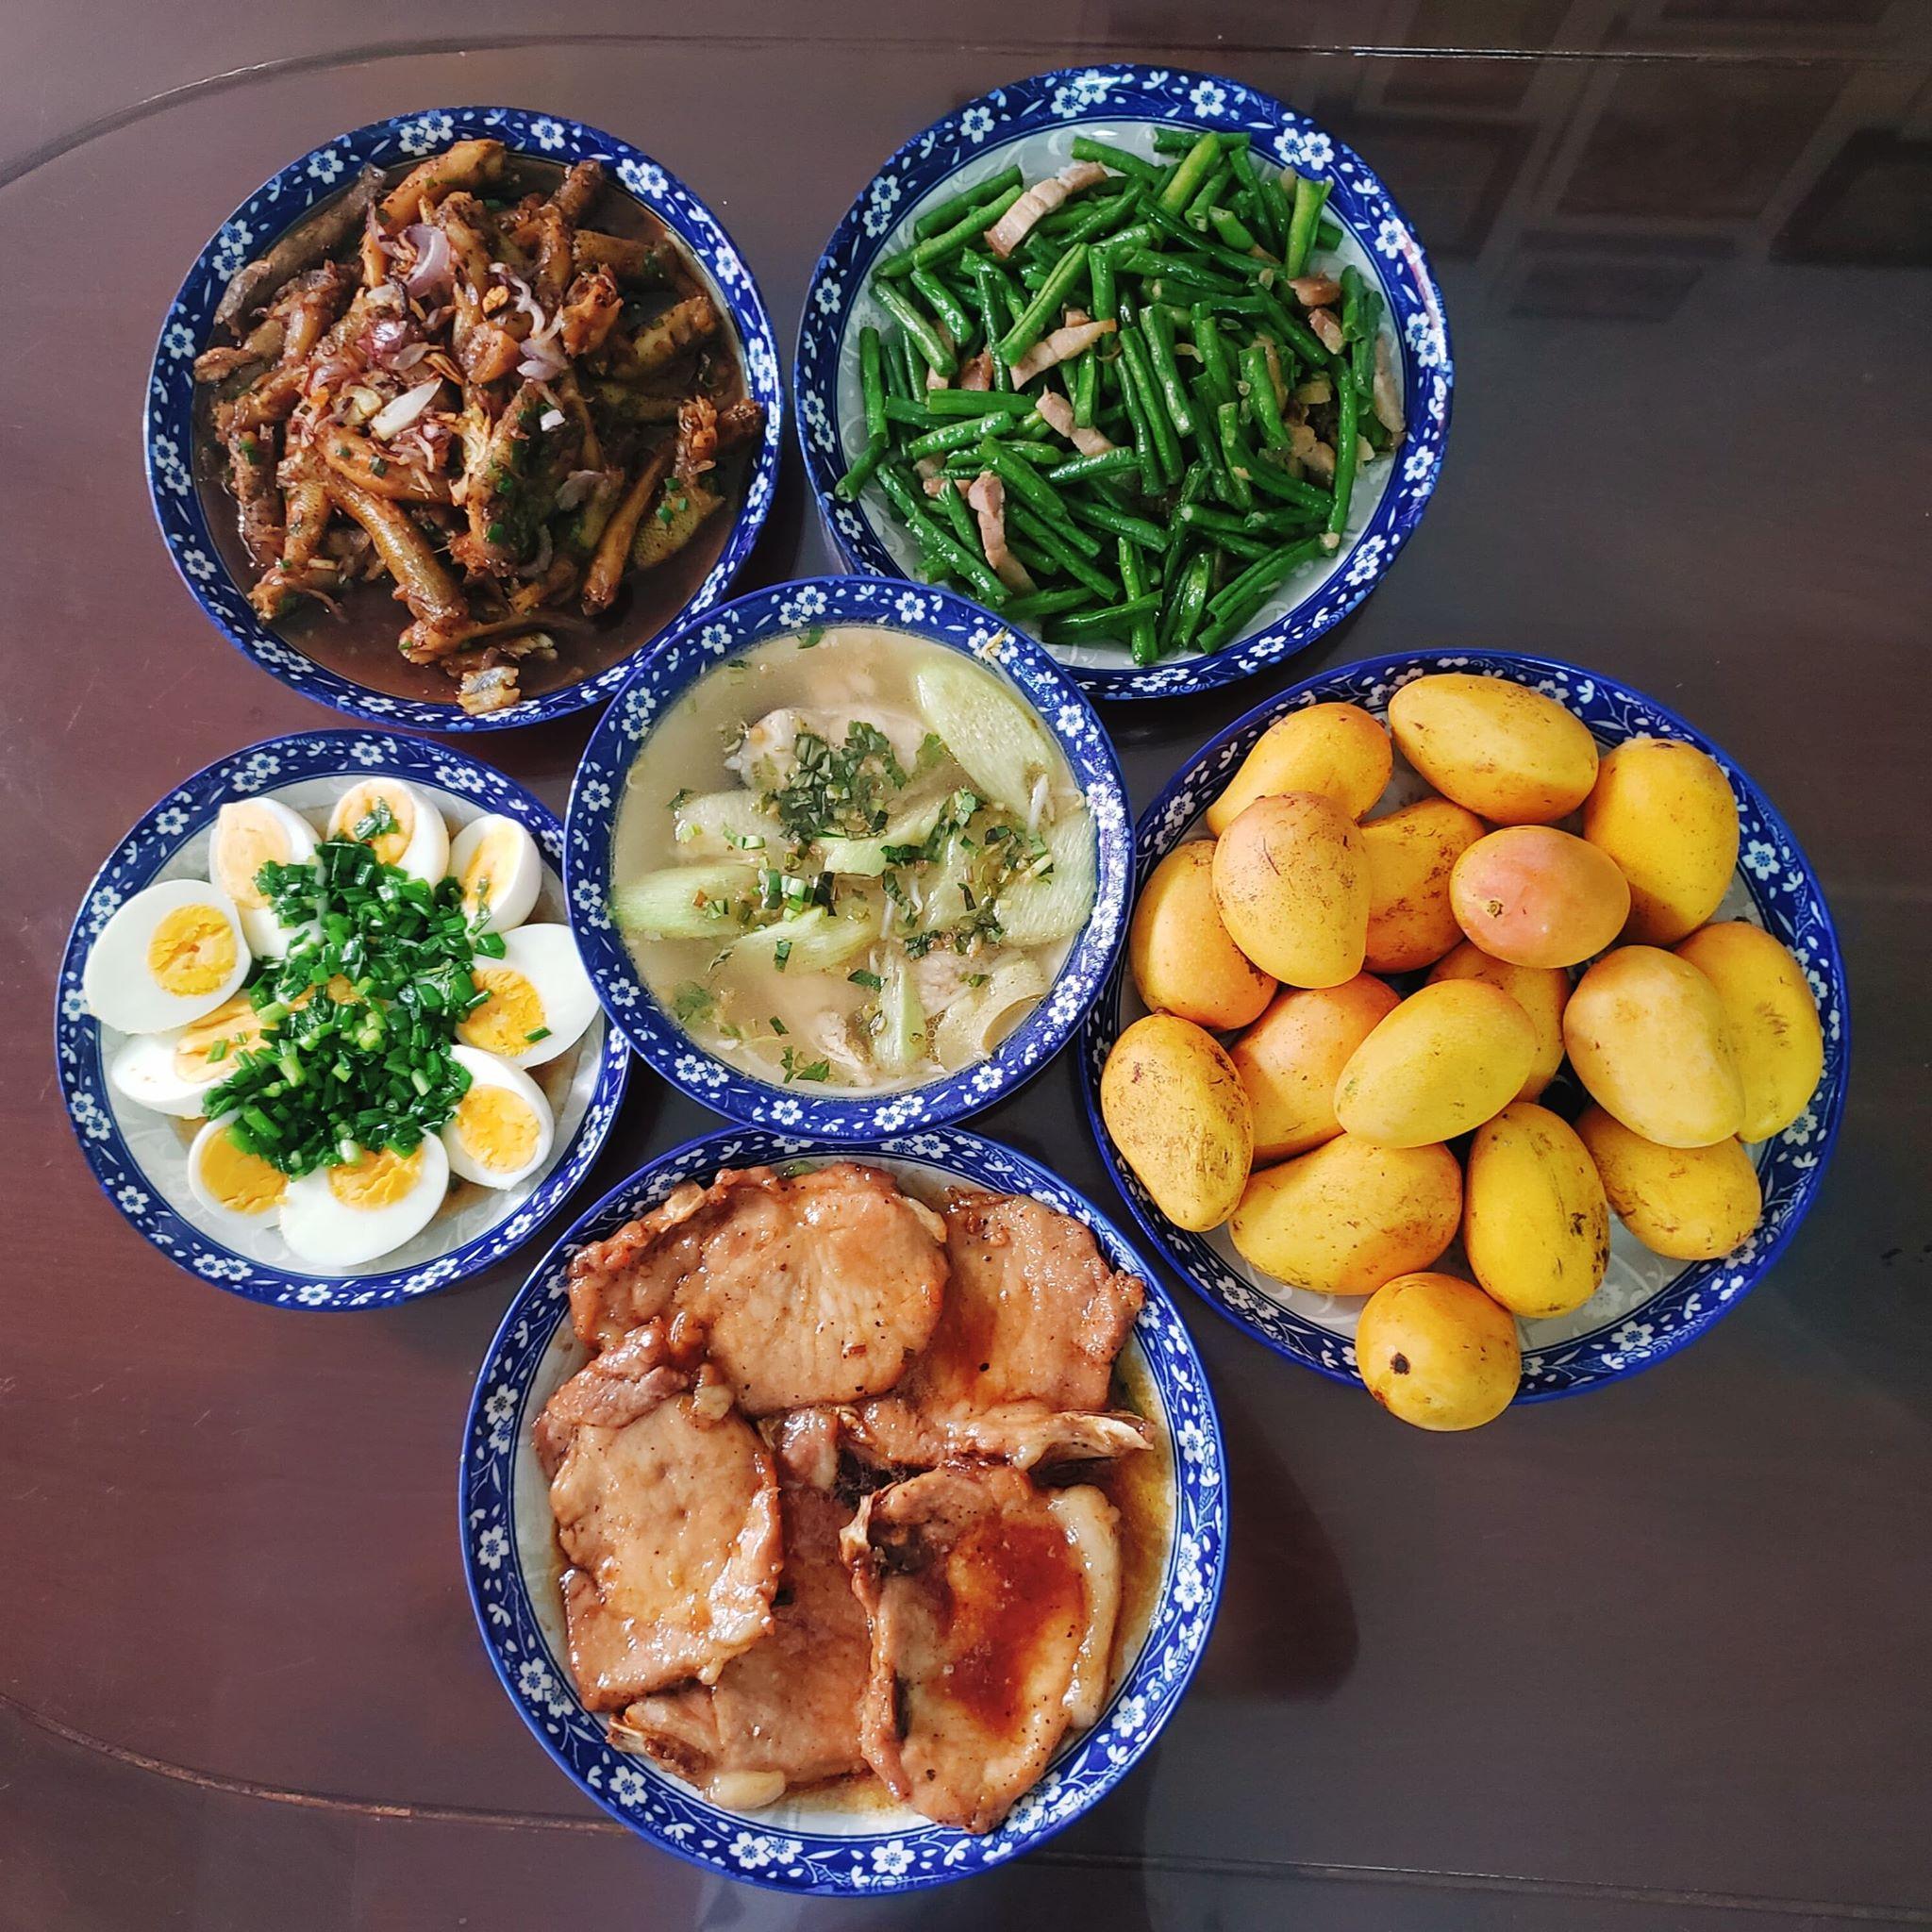 Chỉ từ 130k trở lên, bà nội trợ đảm Sài Gòn sắm sửa mỗi bữa cơm đều như đãi tiệc với các món bổ dưỡng, đẹp mắt cho gia đình 6 thành viên - Ảnh 12.